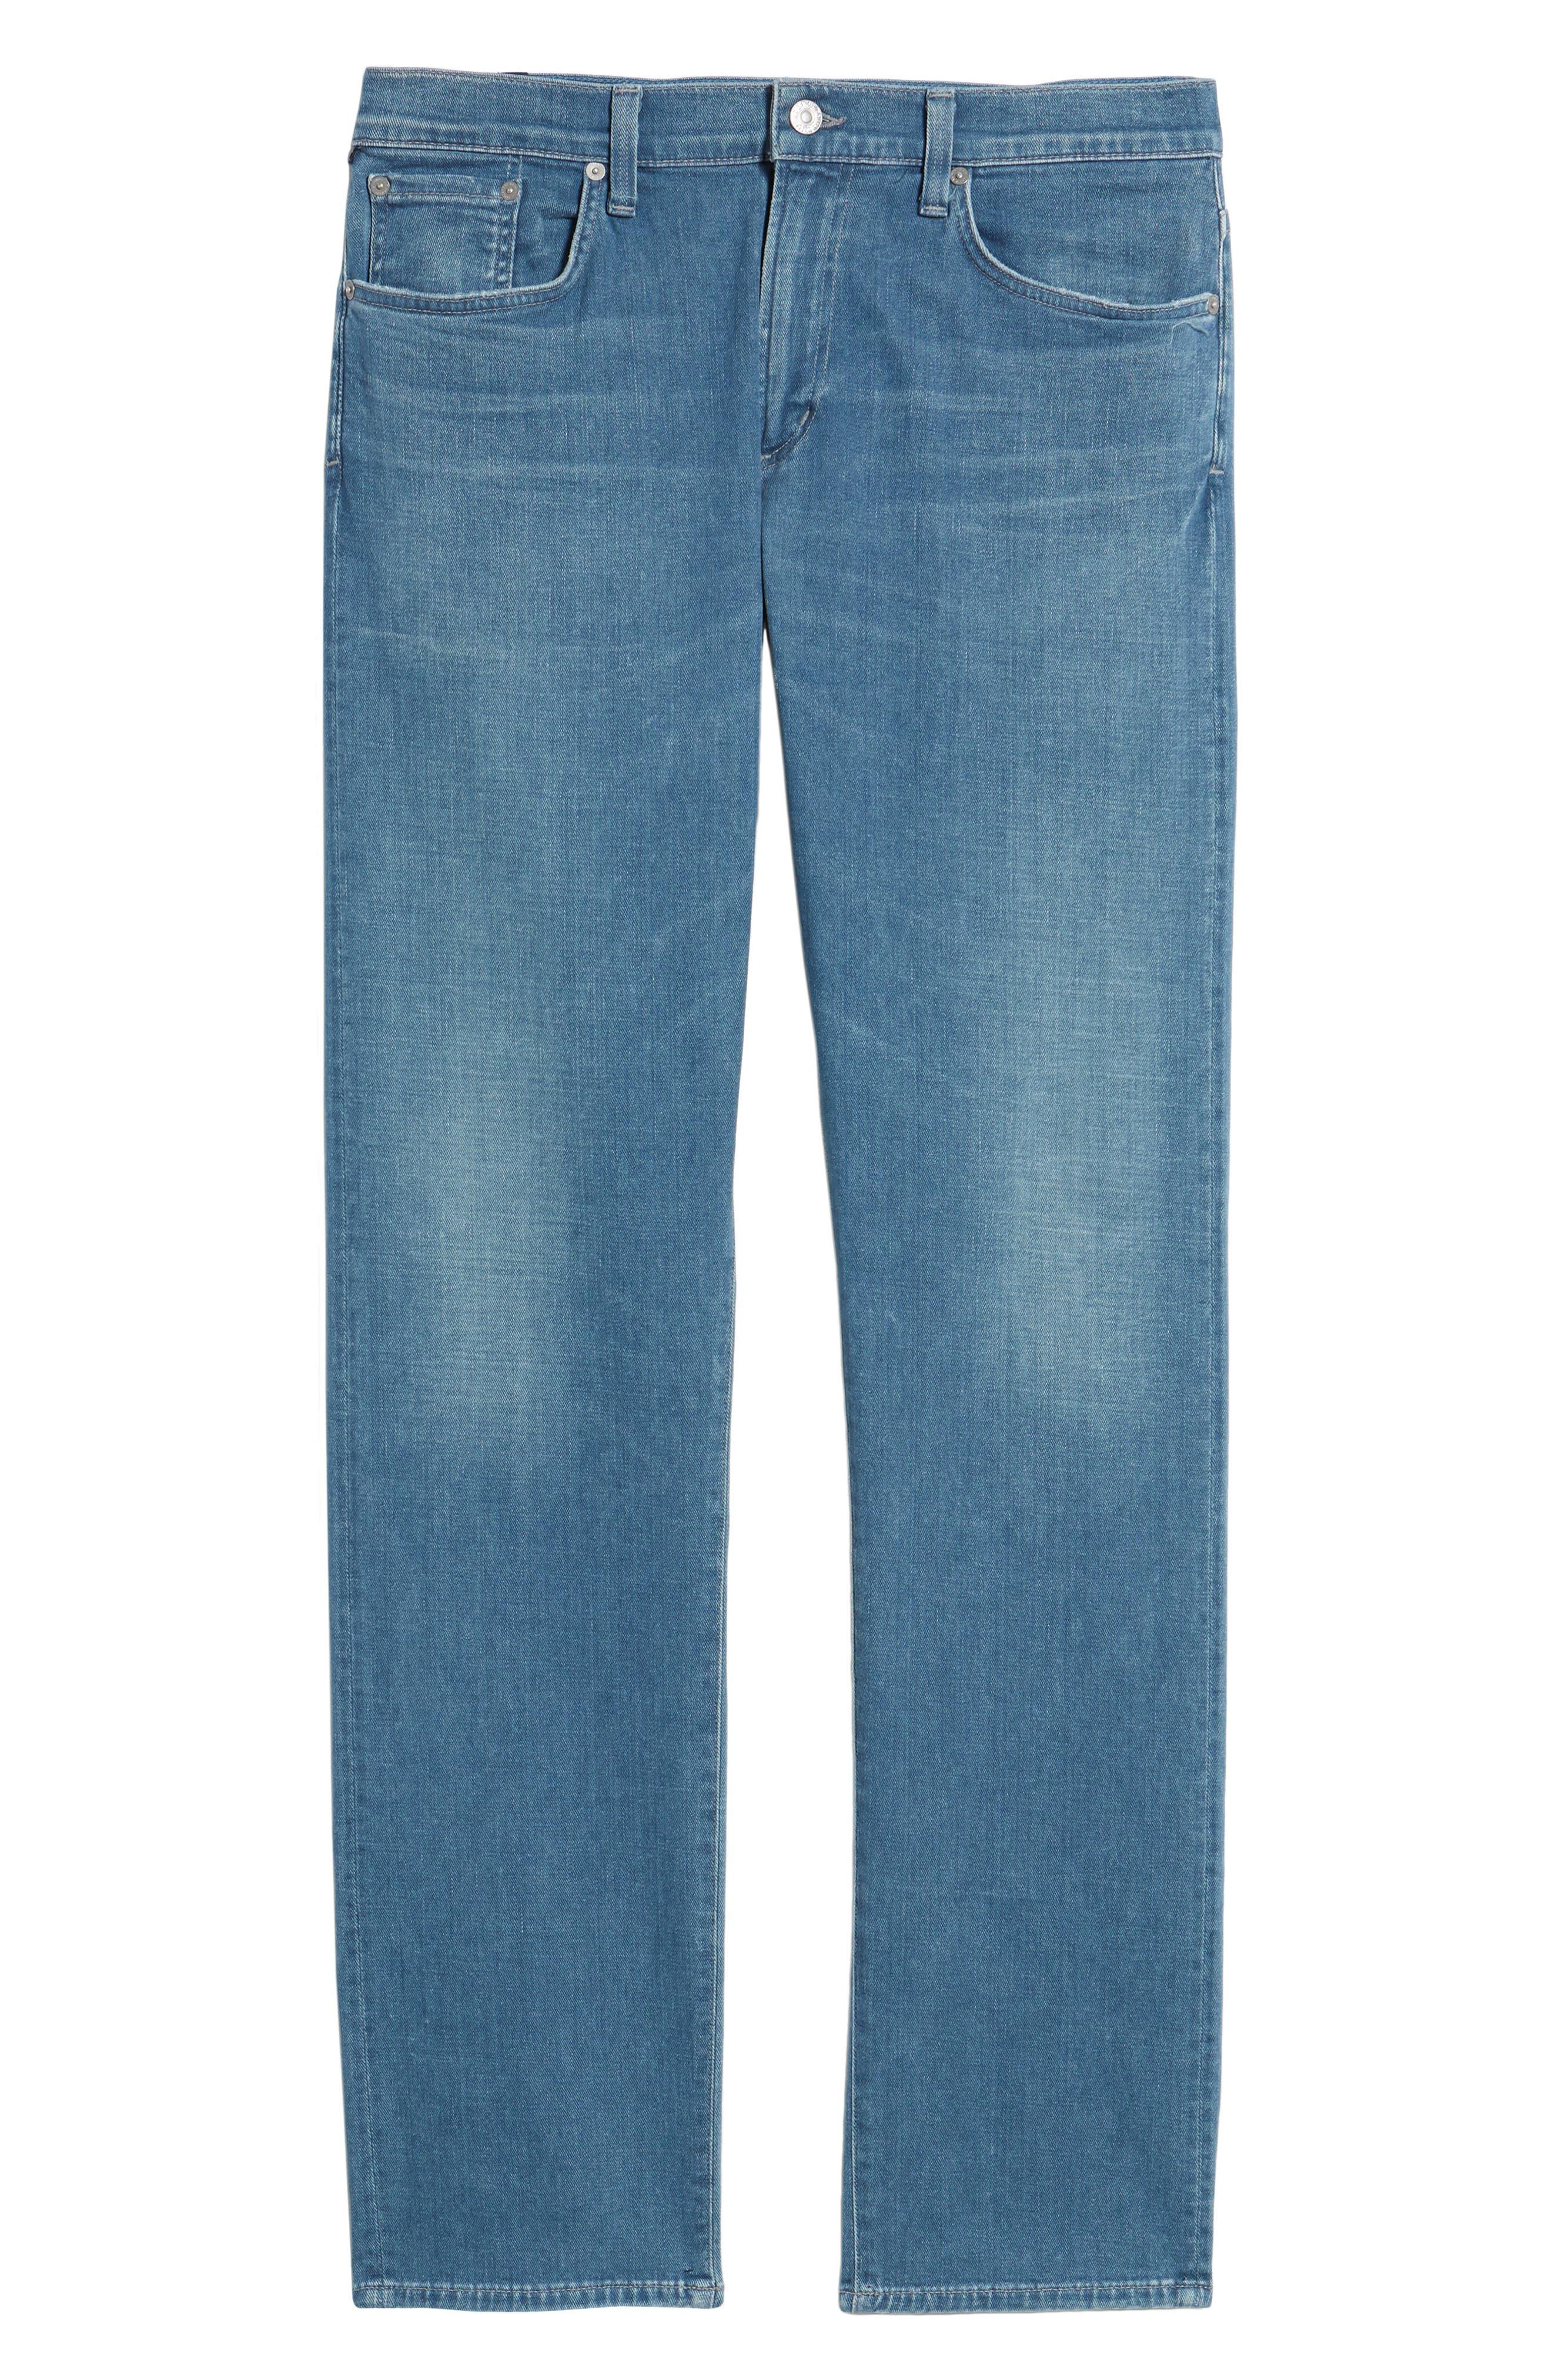 Core Slim Fit Jeans,                             Alternate thumbnail 6, color,                             427